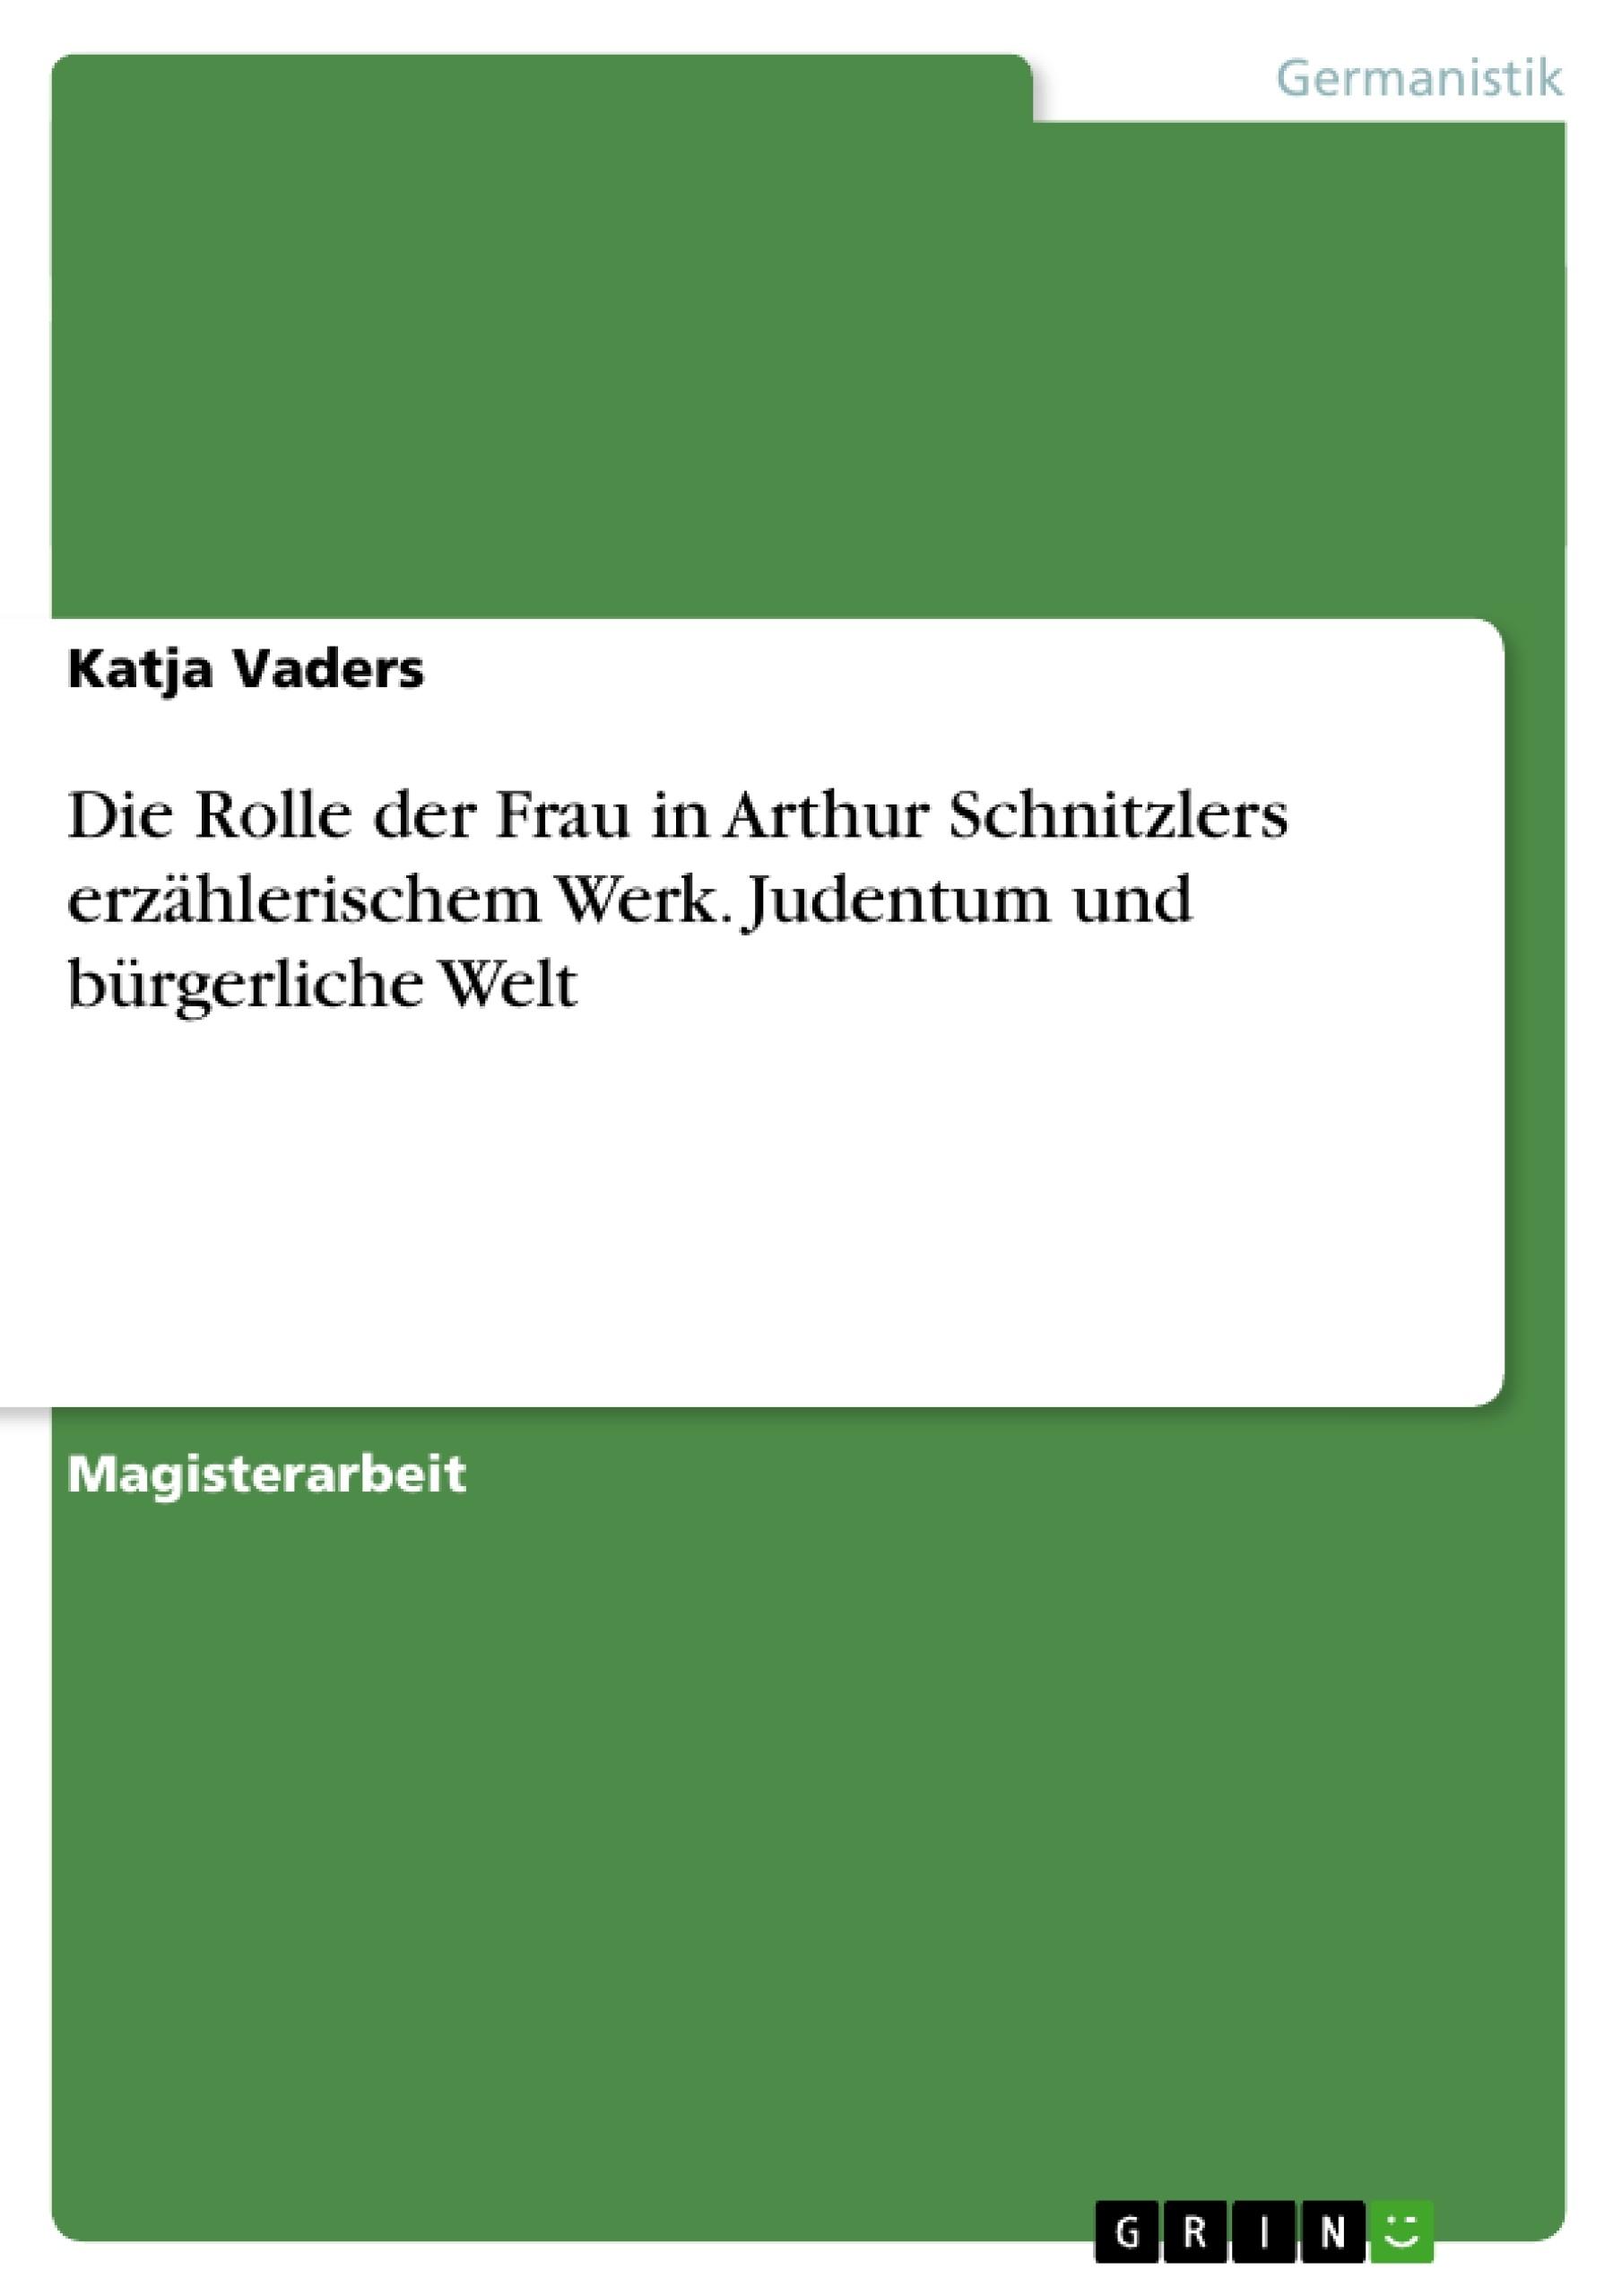 Titel: Die Rolle der Frau in Arthur Schnitzlers erzählerischem Werk. Judentum und bürgerliche Welt